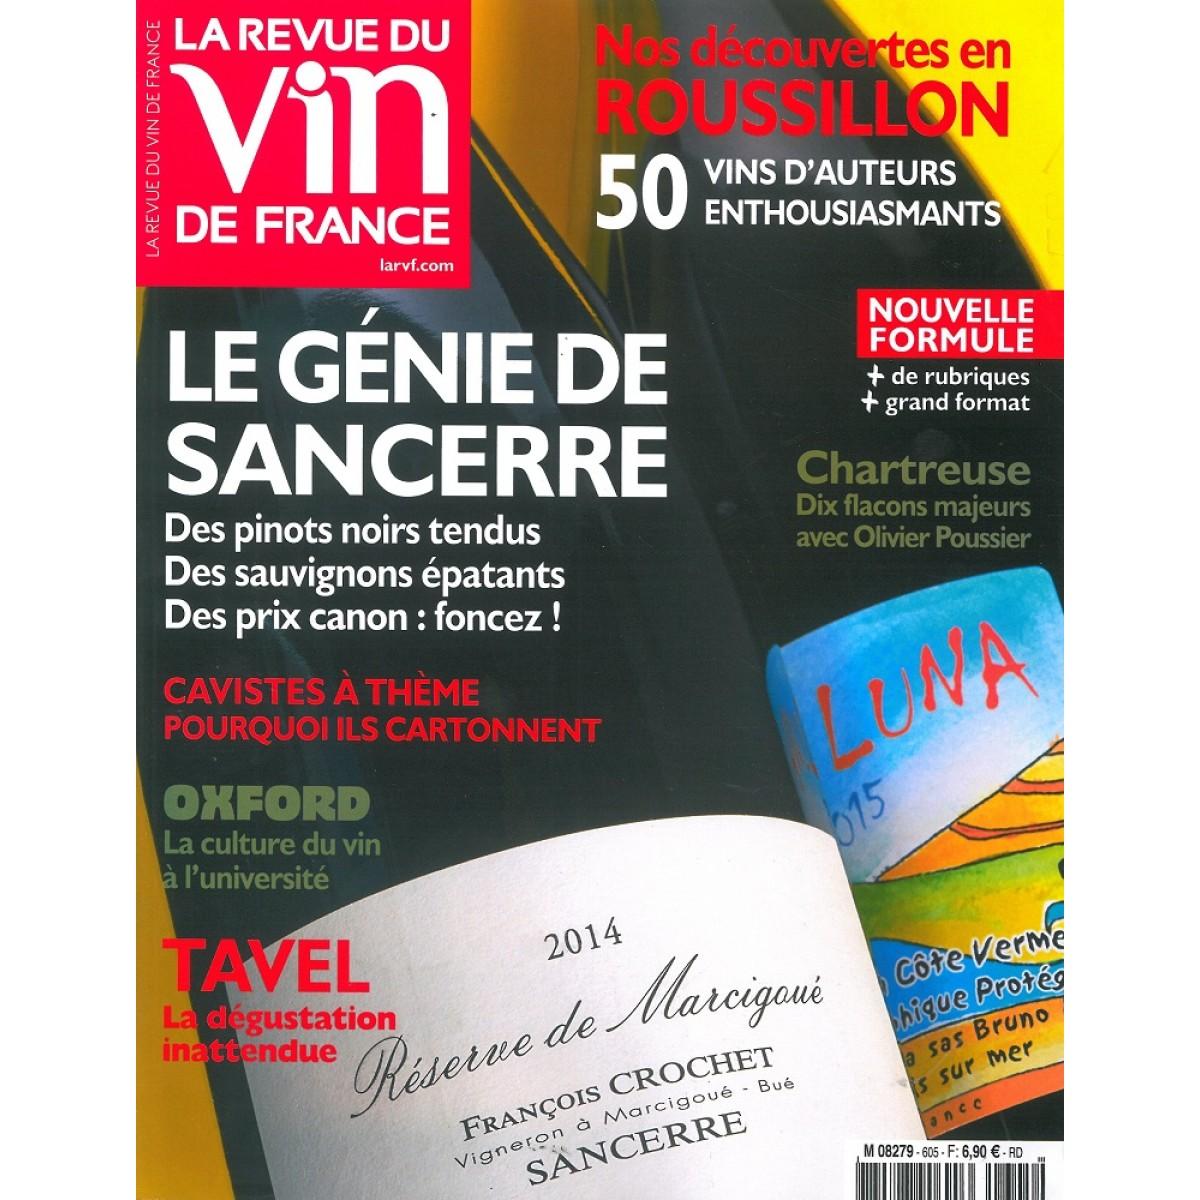 Abonnement la revue du vin de france pas cher mag24 for Revue des vins de france